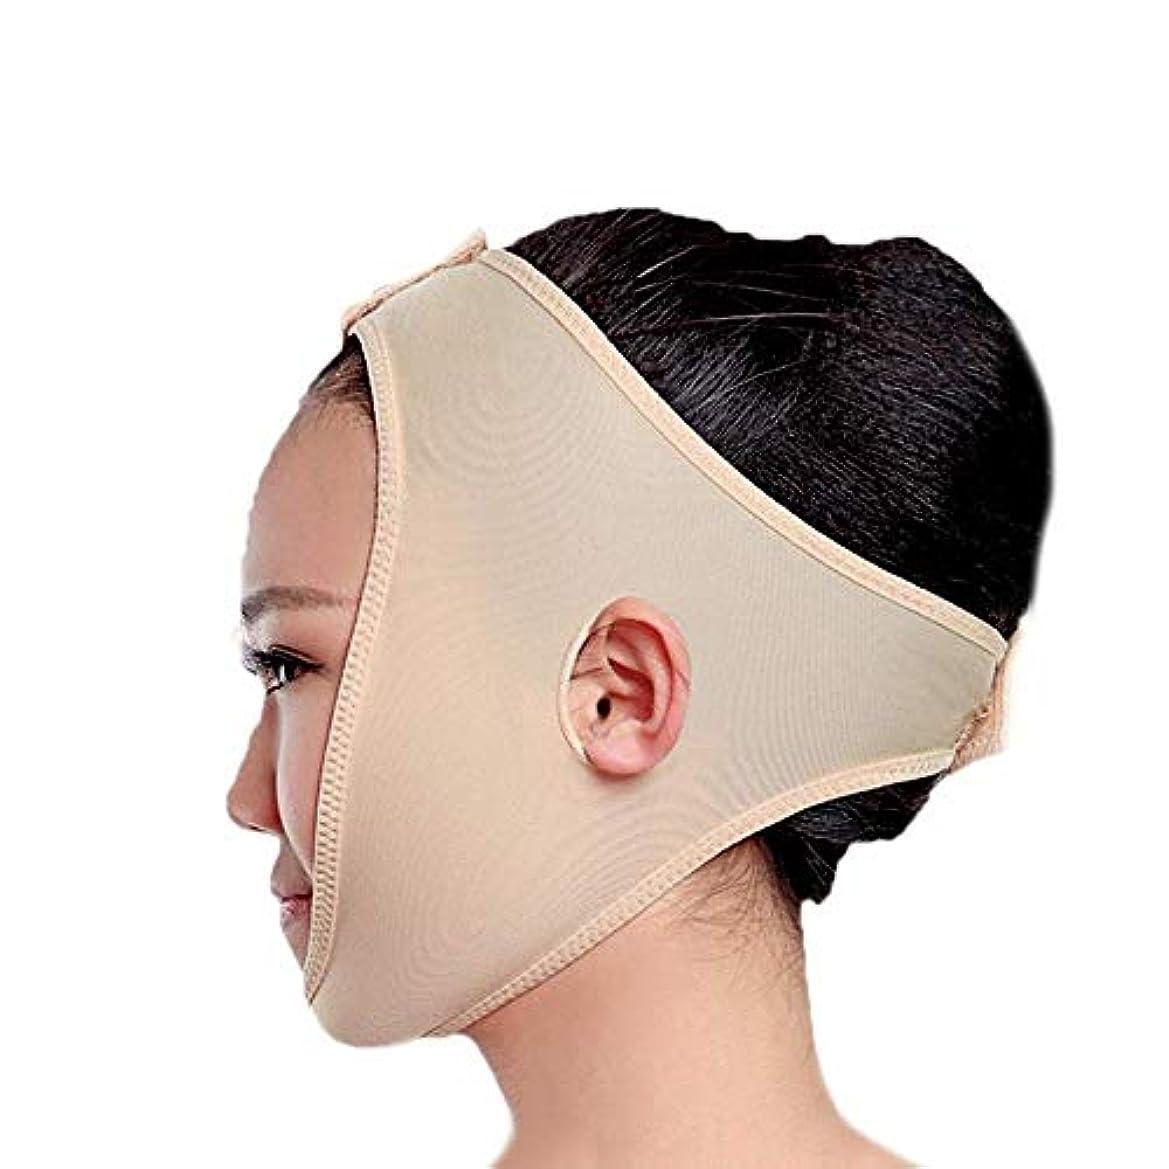 うなり声カストディアン主流フェイススリミングマスク、快適さと通気性、フェイシャルリフティング、輪郭の改善された硬さ、ファーミングとリフティングフェイス(カラー:ブラック、サイズ:XL),黄色がかったピンク2、L